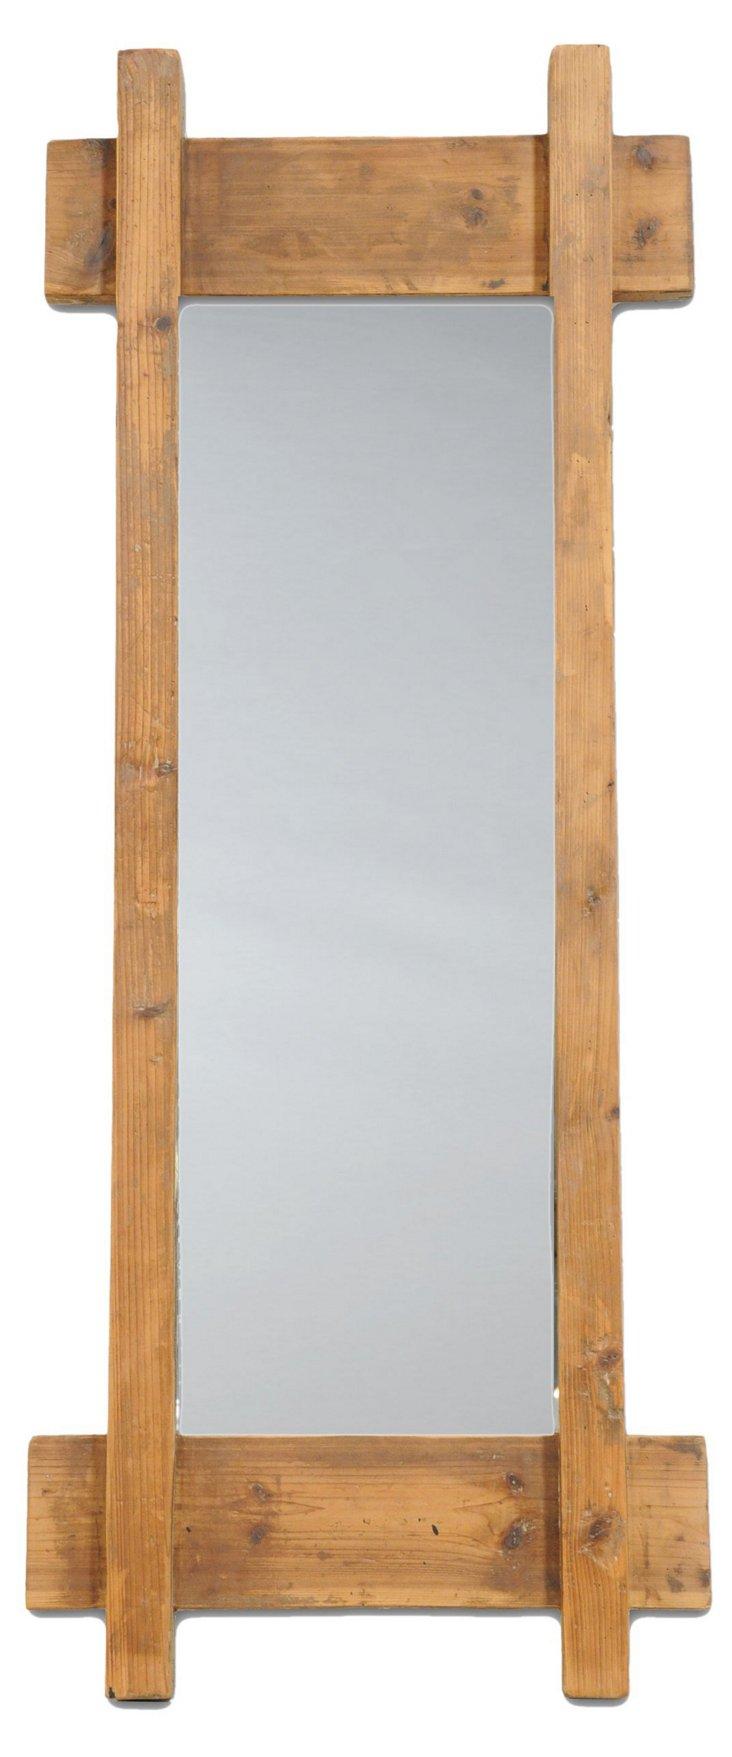 Holmes Mirror